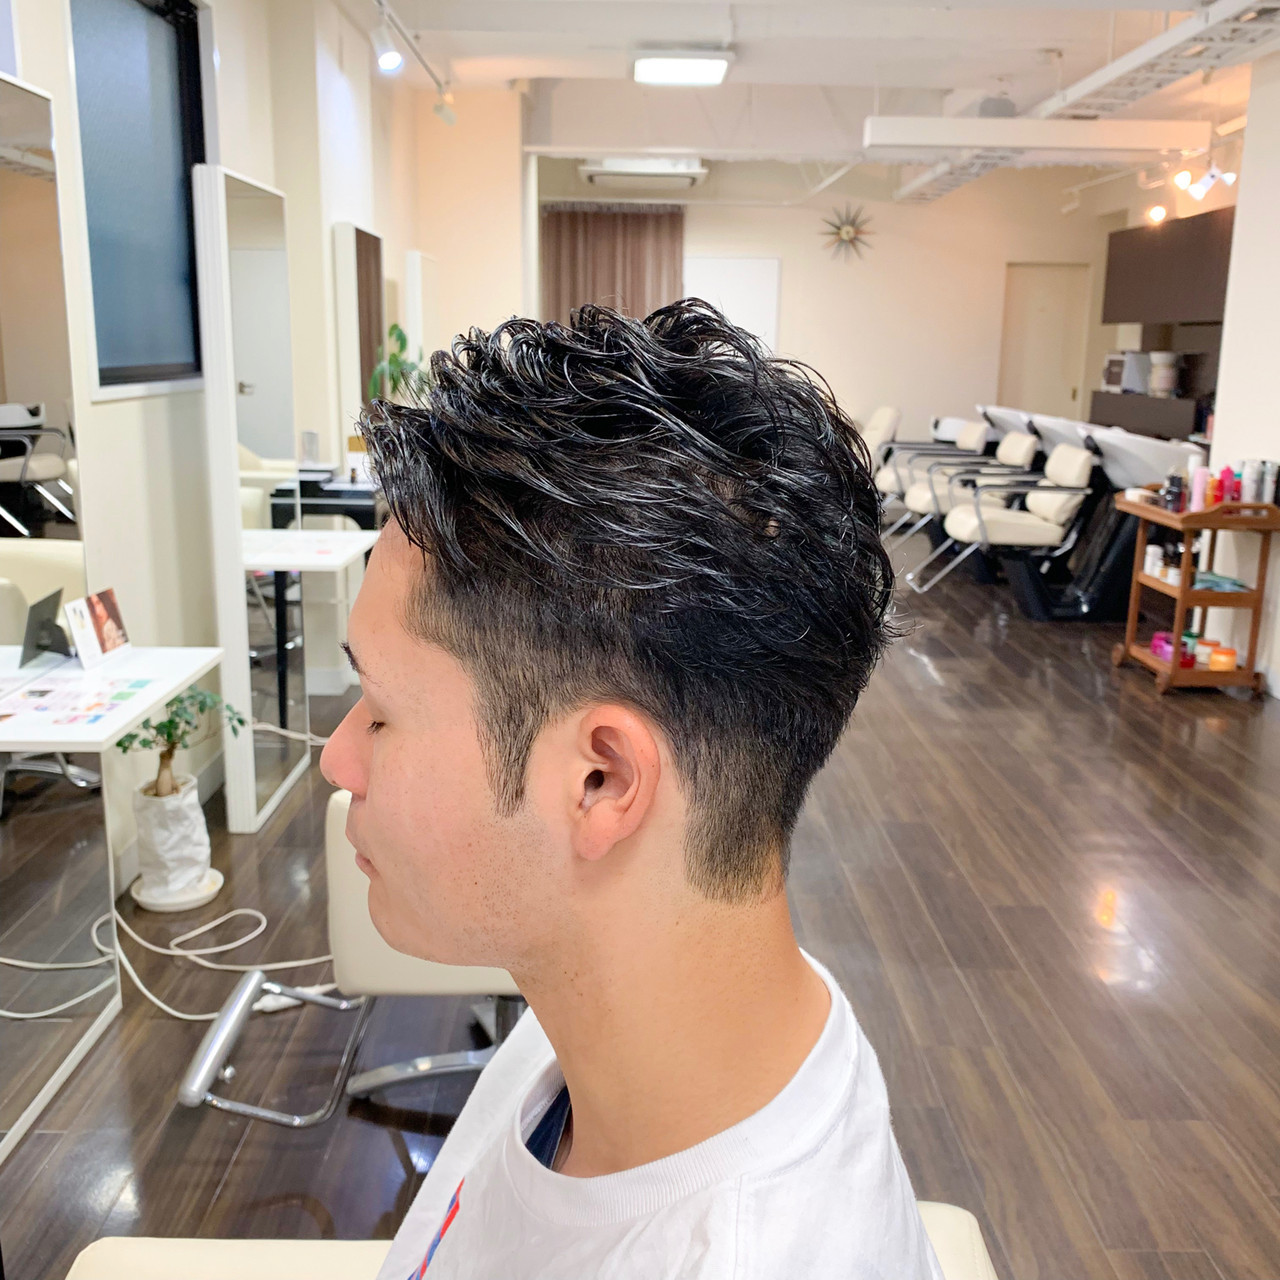 メンズヘア メンズショート メンズカット ナチュラル ヘアスタイルや髪型の写真・画像